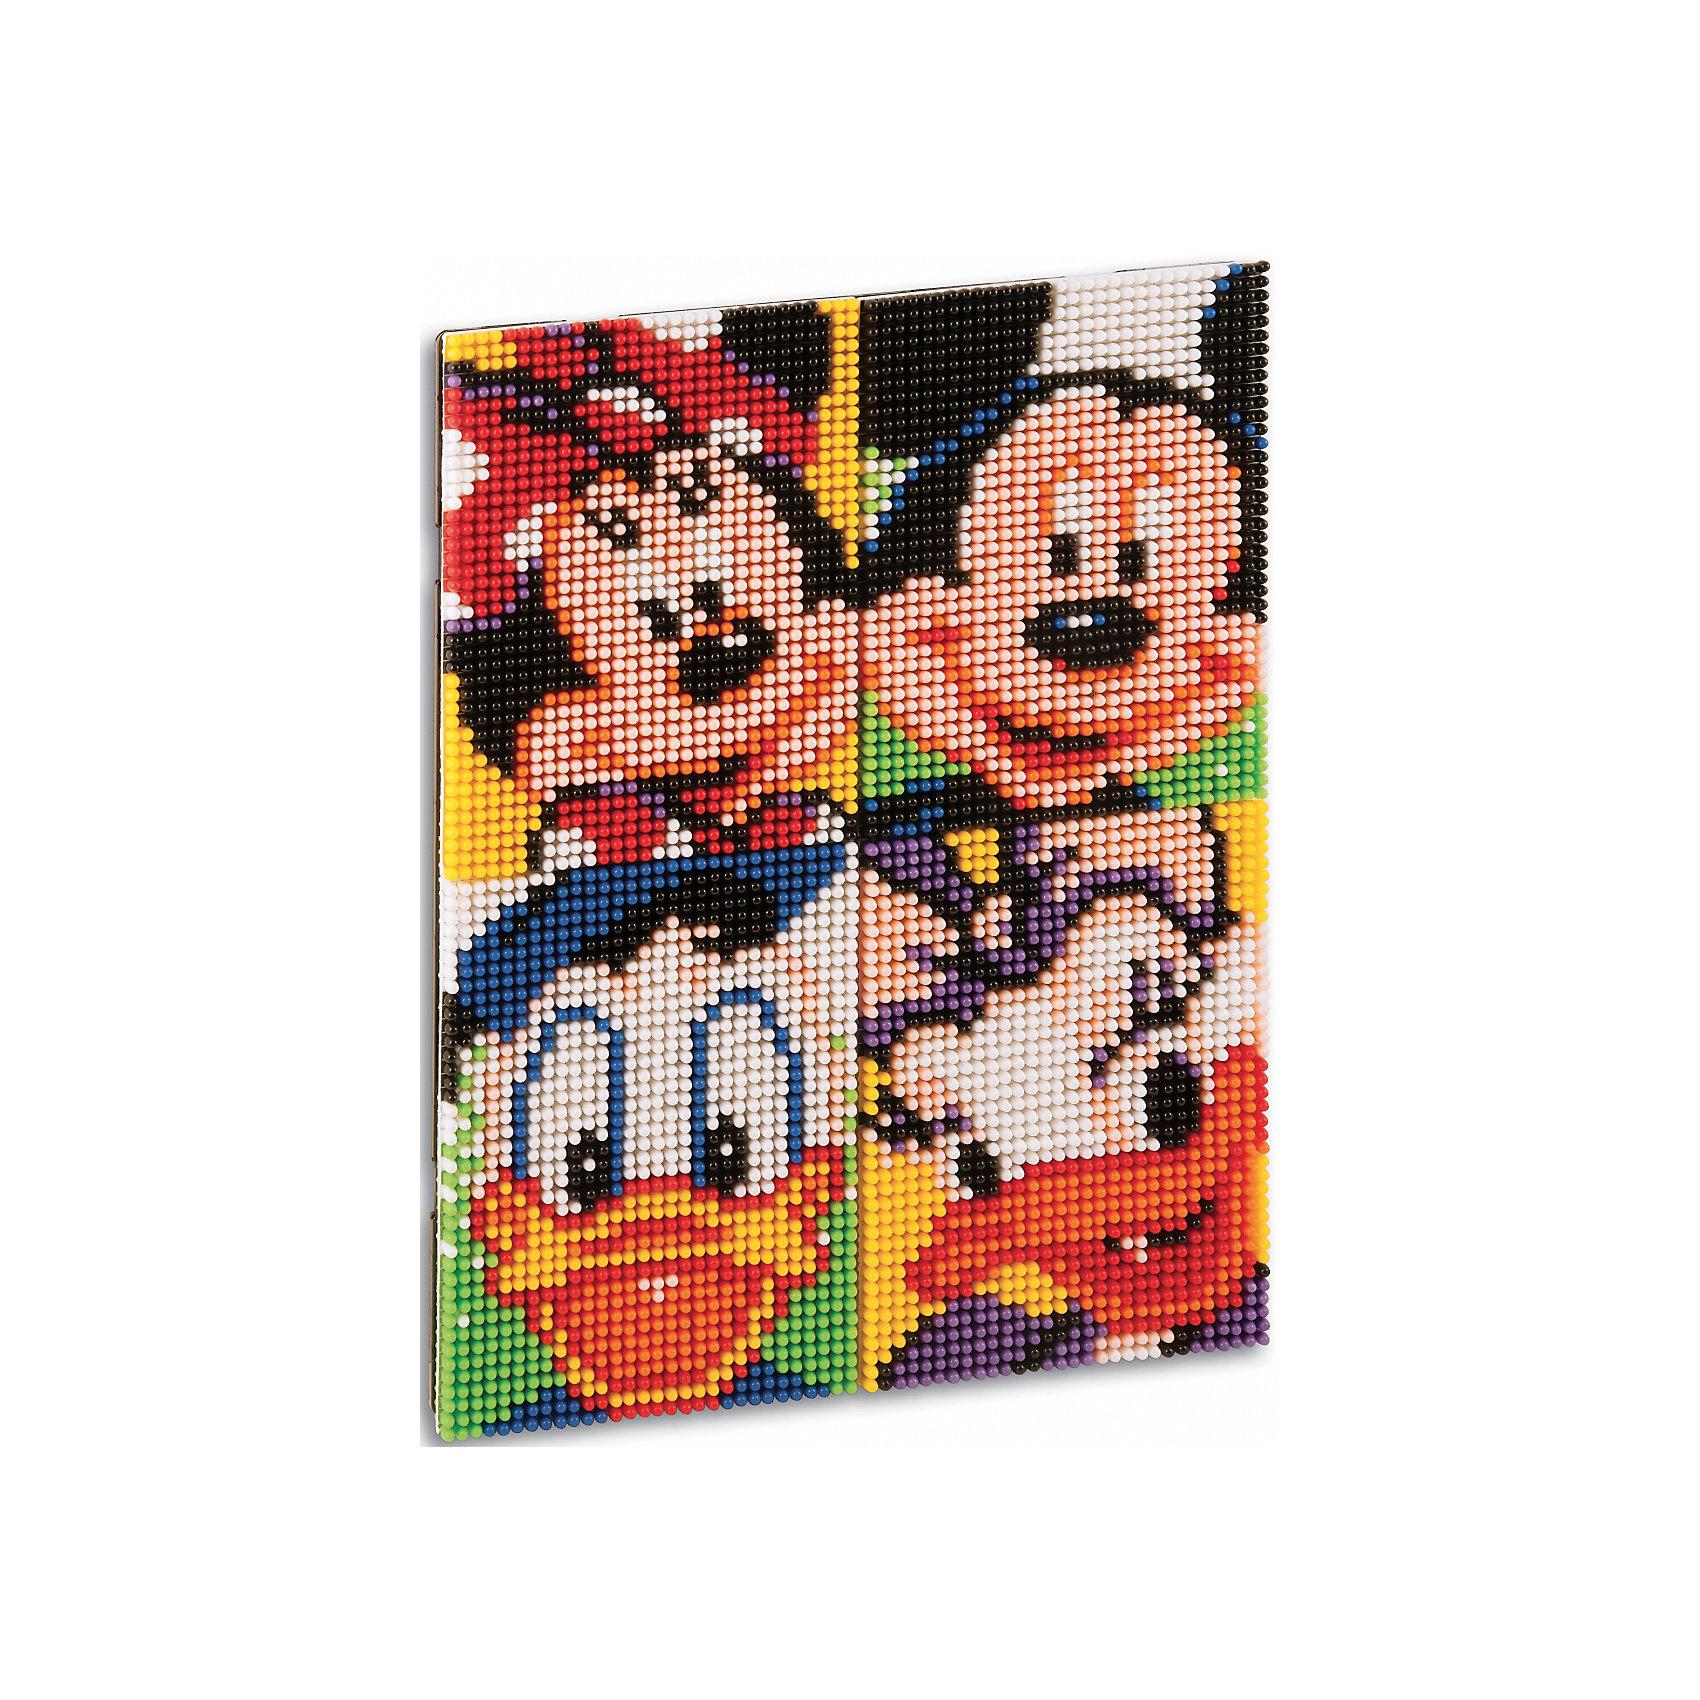 """Мозаика пиксельная """"Микки и его друзья"""", QuercettiМозаика пиксельная """"Микки и его друзья"""", Quercetti (Кверсетти).<br><br>Характеристики:<br><br>- В наборе: 6600 деталей диаметром 4 мм 9-ти цветов, 4 соединяющихся основы (размер одной основы 12х 16,5 см.), брошюра с карточками на которых изображены персонажи, инструкциями для создания портрета, соединительная панель<br>- Материал: безопасный пластик, окрашенный нетоксичными красками<br>- Упаковка: картонная коробка с ручкой<br>- Размер упаковки: 29 х 28,5 х 6 см.<br>- Вес: 1165 гр.<br><br>Пиксельная мозаика """"Микки и его друзья"""" от Quercetti (Кверсетти) поможет вашему малышу из 6600 деталей создать портреты знаменитых персонажей мультфильмов Диснея – Микки и Минни Маус, Дональда и Дэйзи Дак. Нужно просто положить цветную схему на основу и можно начинать собирать мозаику! Рисунок на листе разделен на маленькие квадратики. Ребенку нужно выбрать подходящие по цвету детали-гвоздики и вставить их в отверстия. Кончики элементов легко проходят сквозь бумагу и надежно фиксируются в основе. В итоге они ложатся ровными рядами, а разноцветные шляпки сливаются в единое цветовое полотно, и если смотреть на собранную картинку с расстояния, изображение чудесным образом преобразится, повторяя эффект фотографии. Готовые картинки можно соединить вместе и повесить на стену, как настоящую картину. Собирание мозаики развивает у детей цветовосприятие, творческие способности, внимание, усидчивость и мелкую моторику.<br><br>Мозаику пиксельную """"Микки и его друзья"""", Quercetti (Кверсетти) можно купить в нашем интернет-магазине.<br><br>Ширина мм: 390<br>Глубина мм: 70<br>Высота мм: 300<br>Вес г: 1243<br>Возраст от месяцев: 72<br>Возраст до месяцев: 2147483647<br>Пол: Унисекс<br>Возраст: Детский<br>SKU: 5140049"""